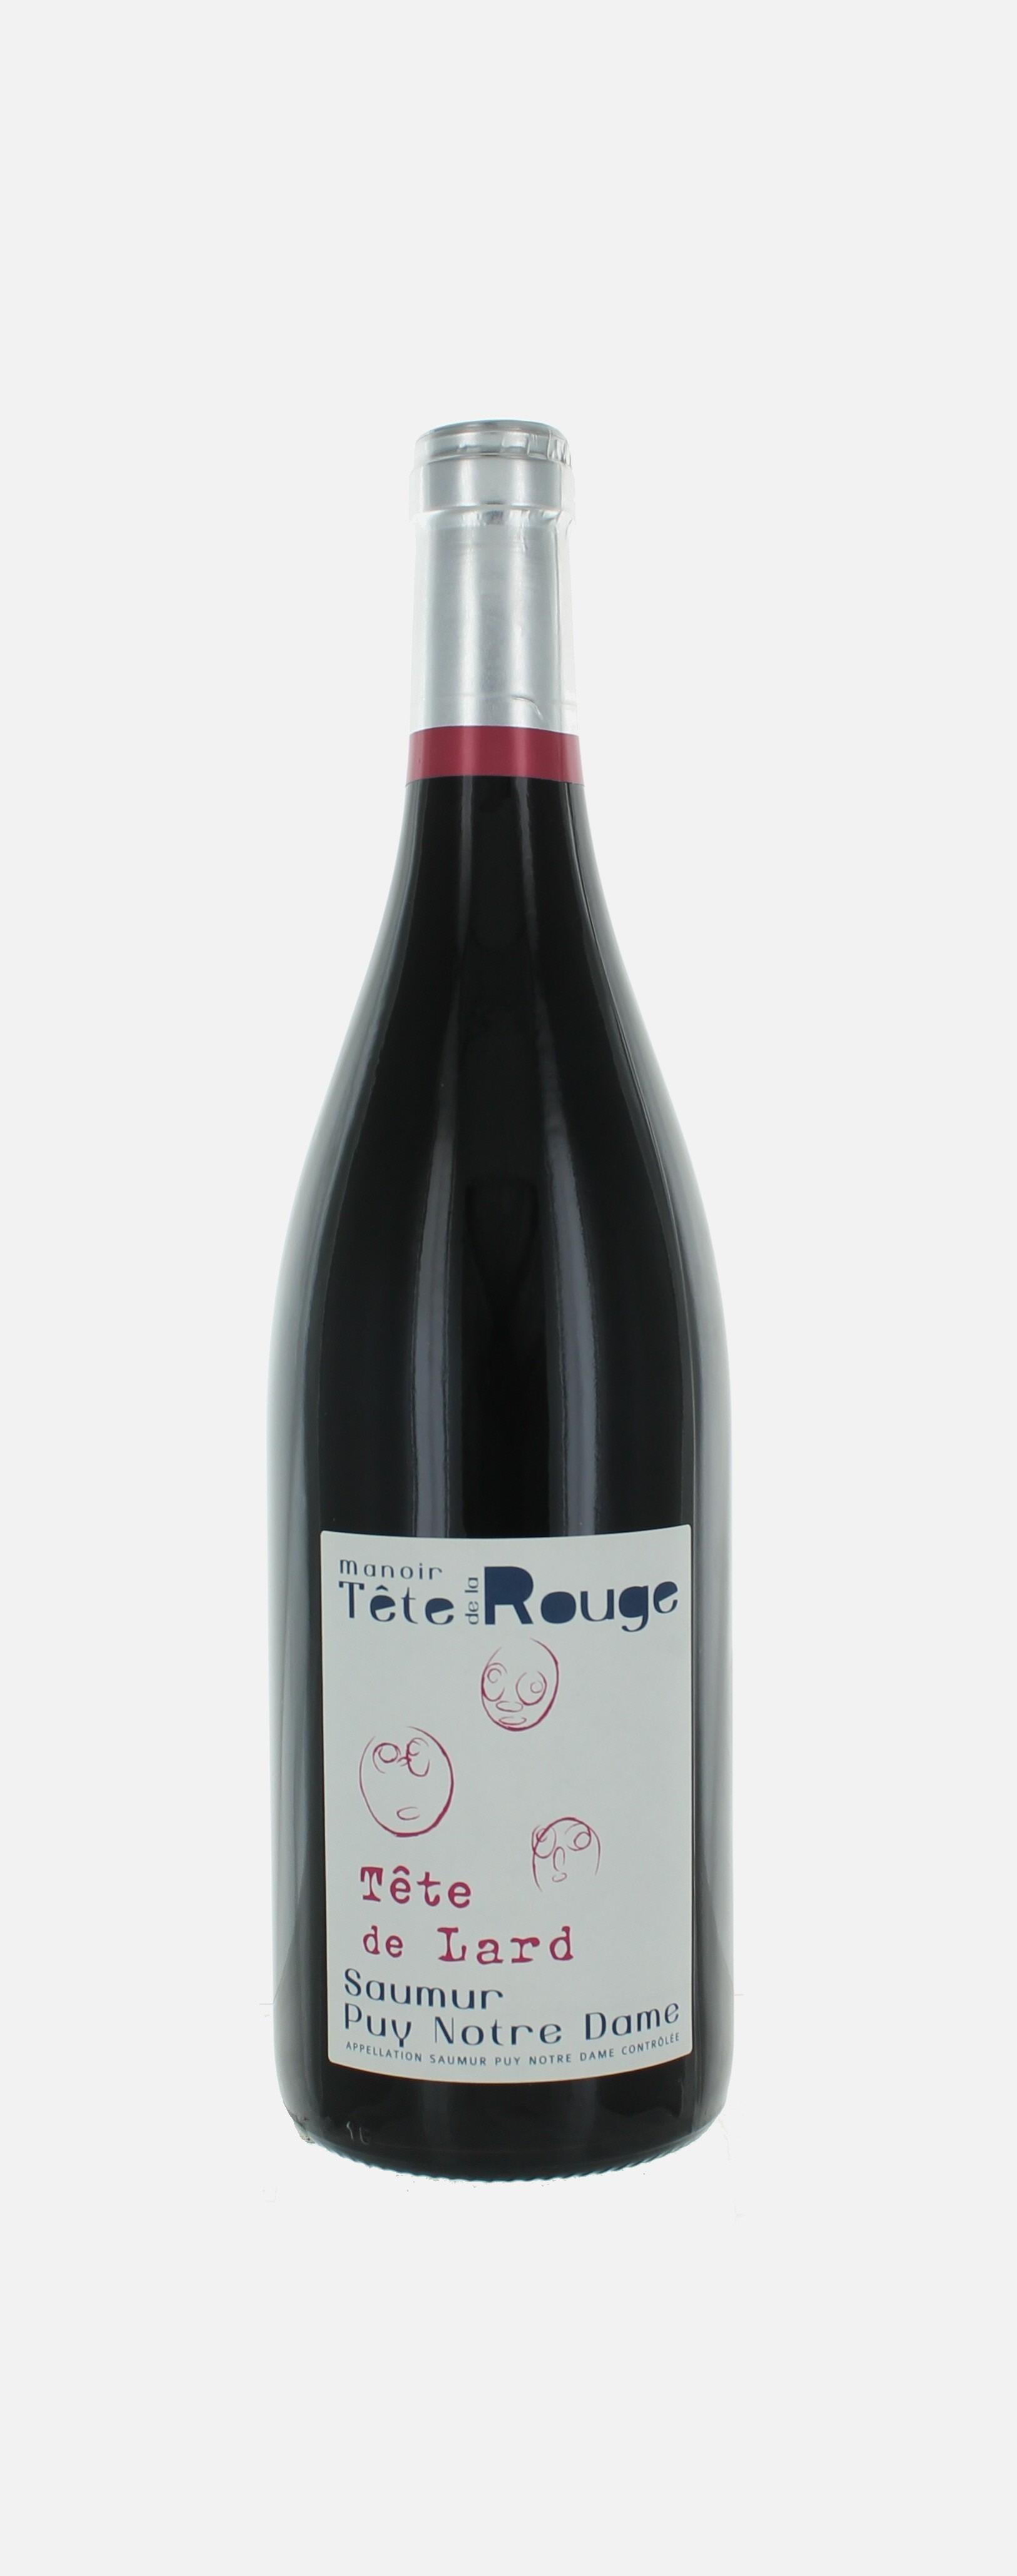 Tête de Lard, Saumur, Manoir de la Tête Rouge